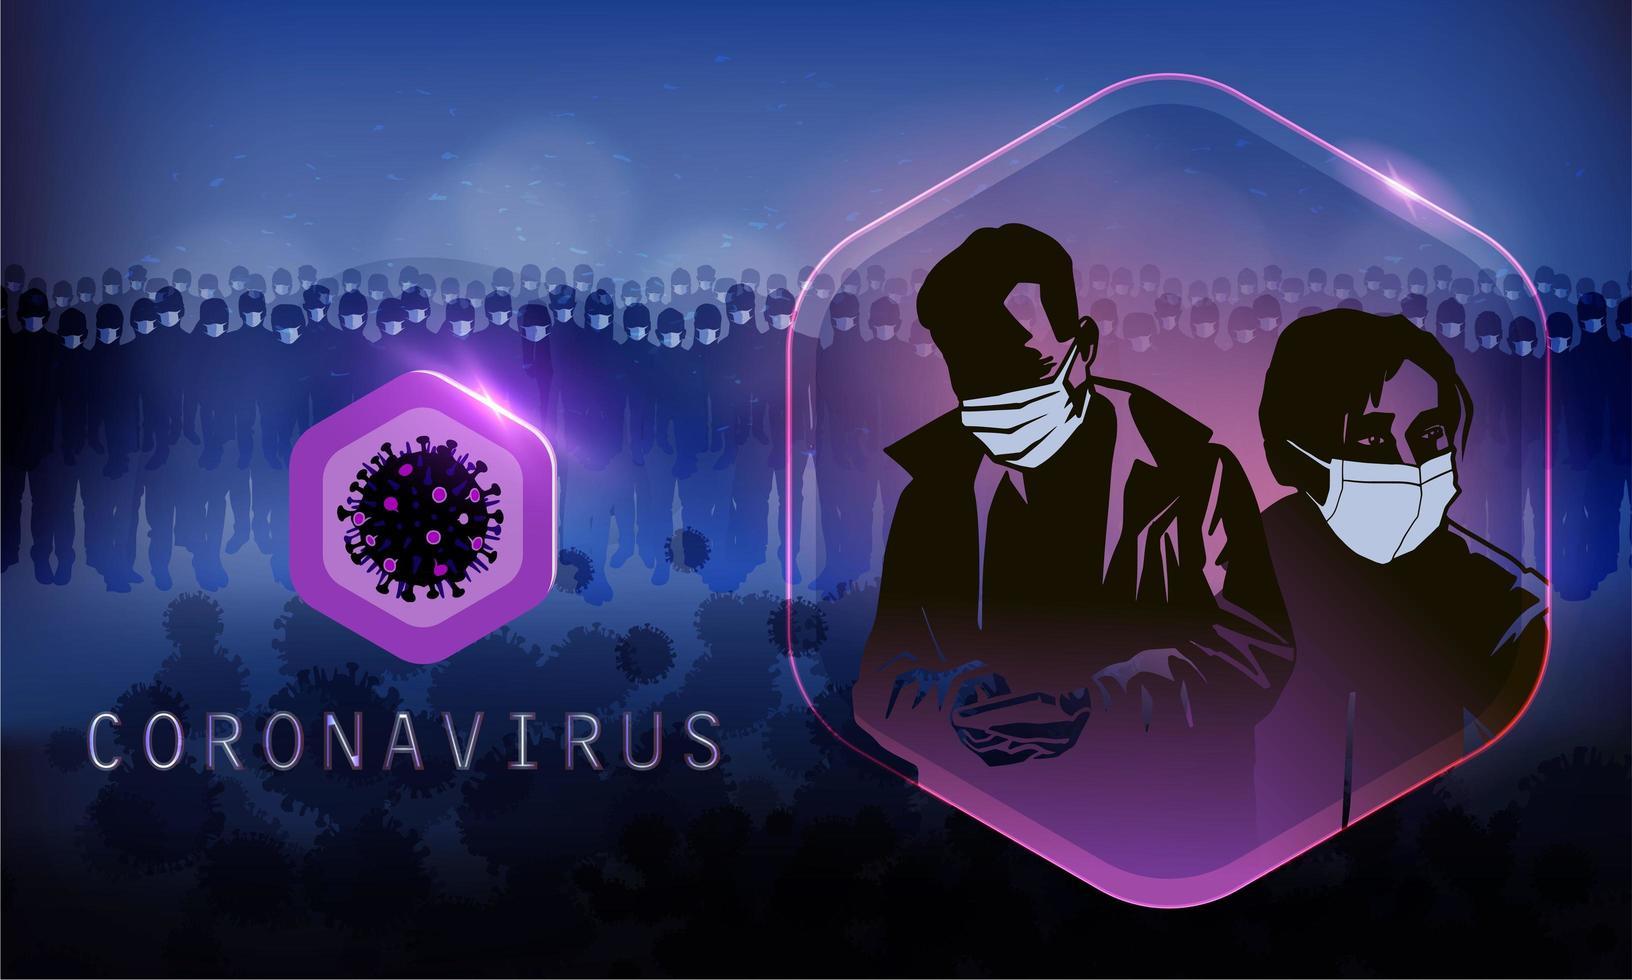 affiche de coronavirus sombre vecteur